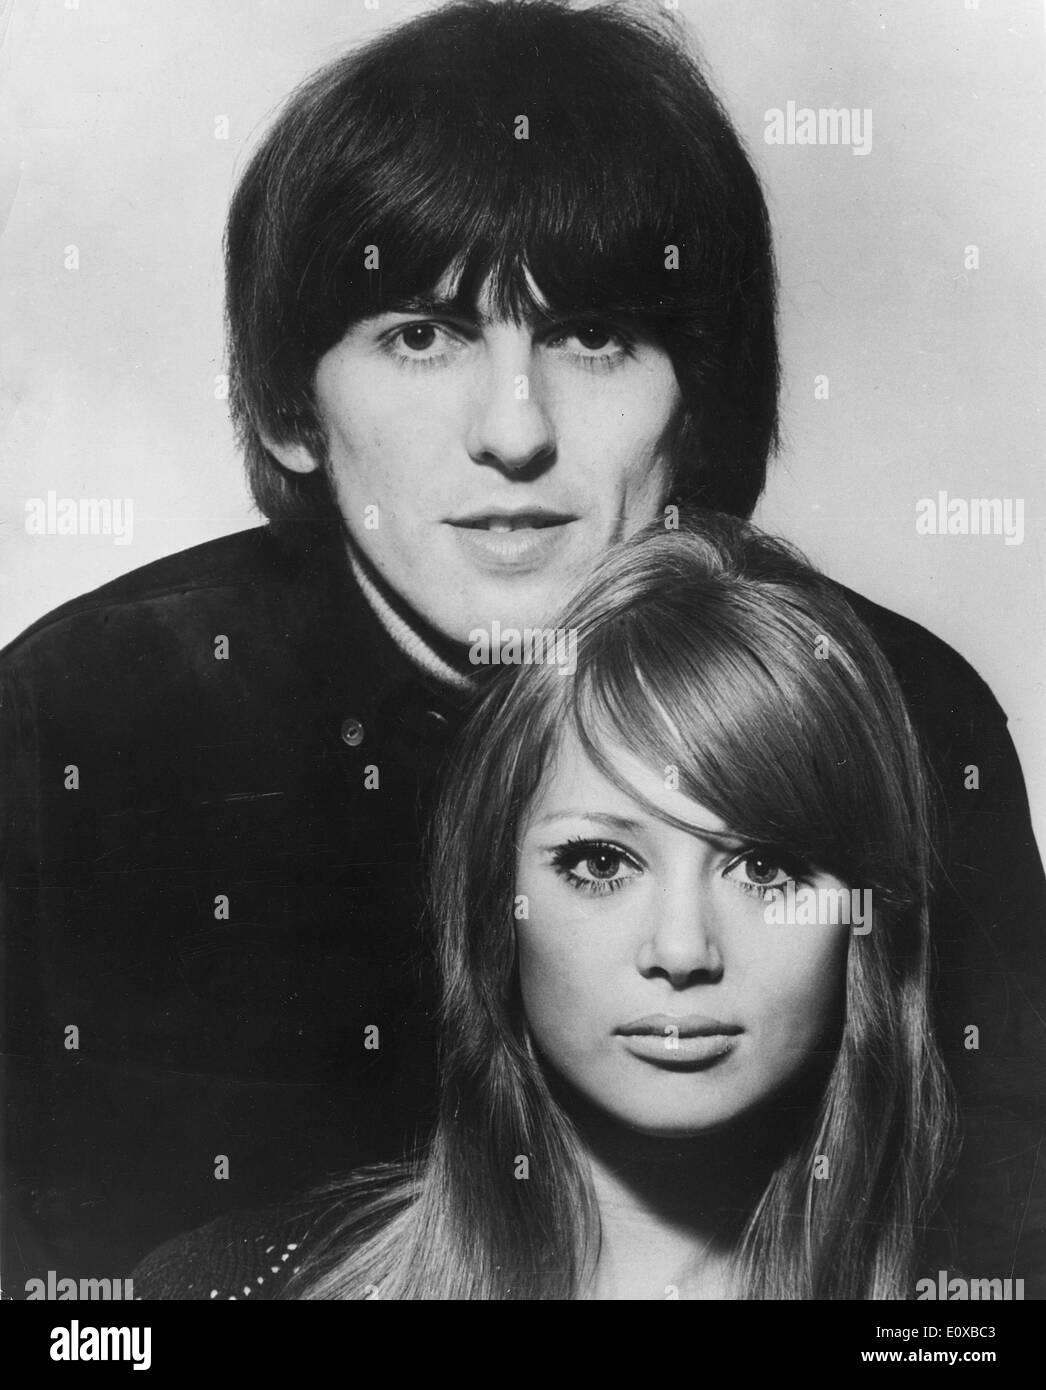 Beatles member George Harrison marries Pattie Boyd - Stock Image